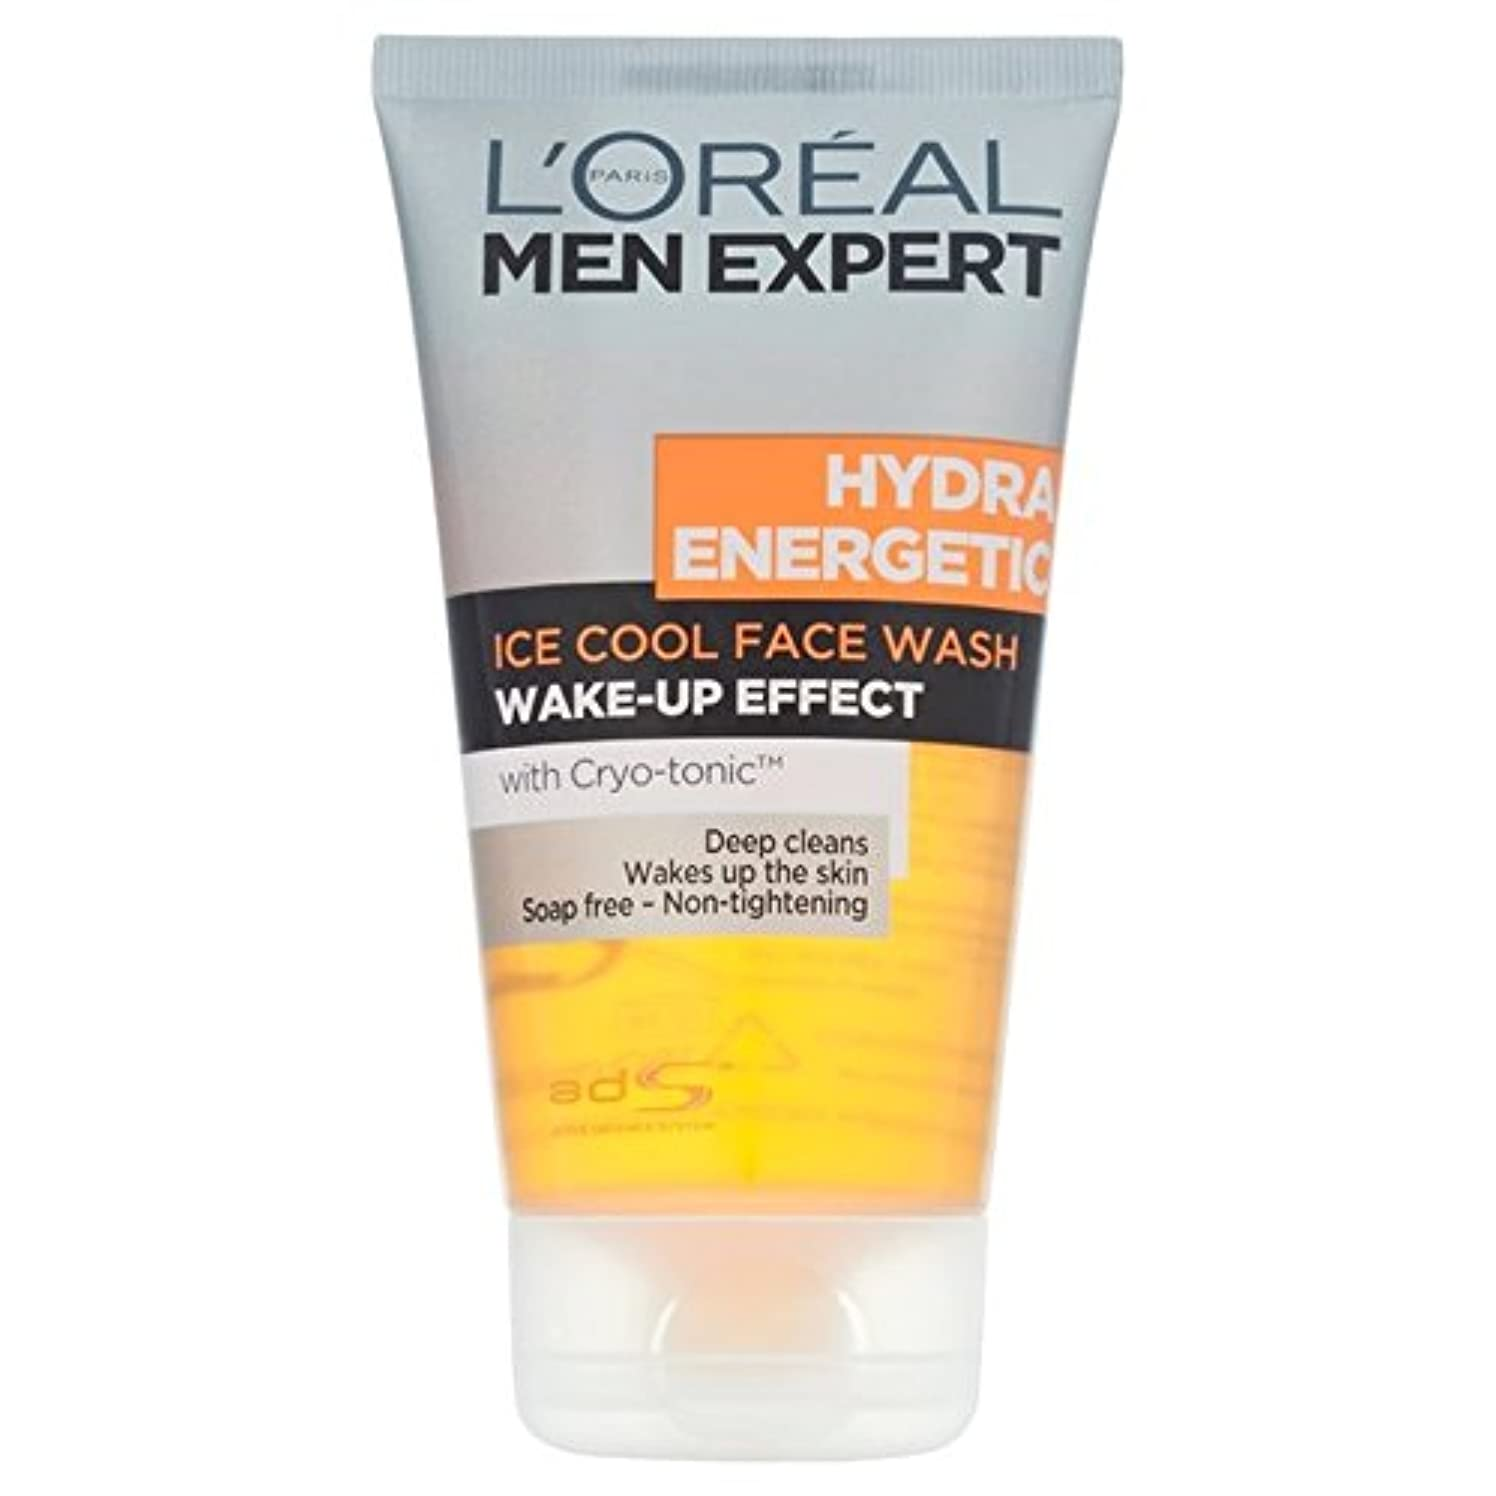 テクトニックキャンパス変えるL'Oreal Men Expert Hydra Energetic Foaming Cleansing Gel 150ml (Pack of 6) - ロレアルの男性の専門家ヒドラエネルギッシュな発泡クレンジングジェル...